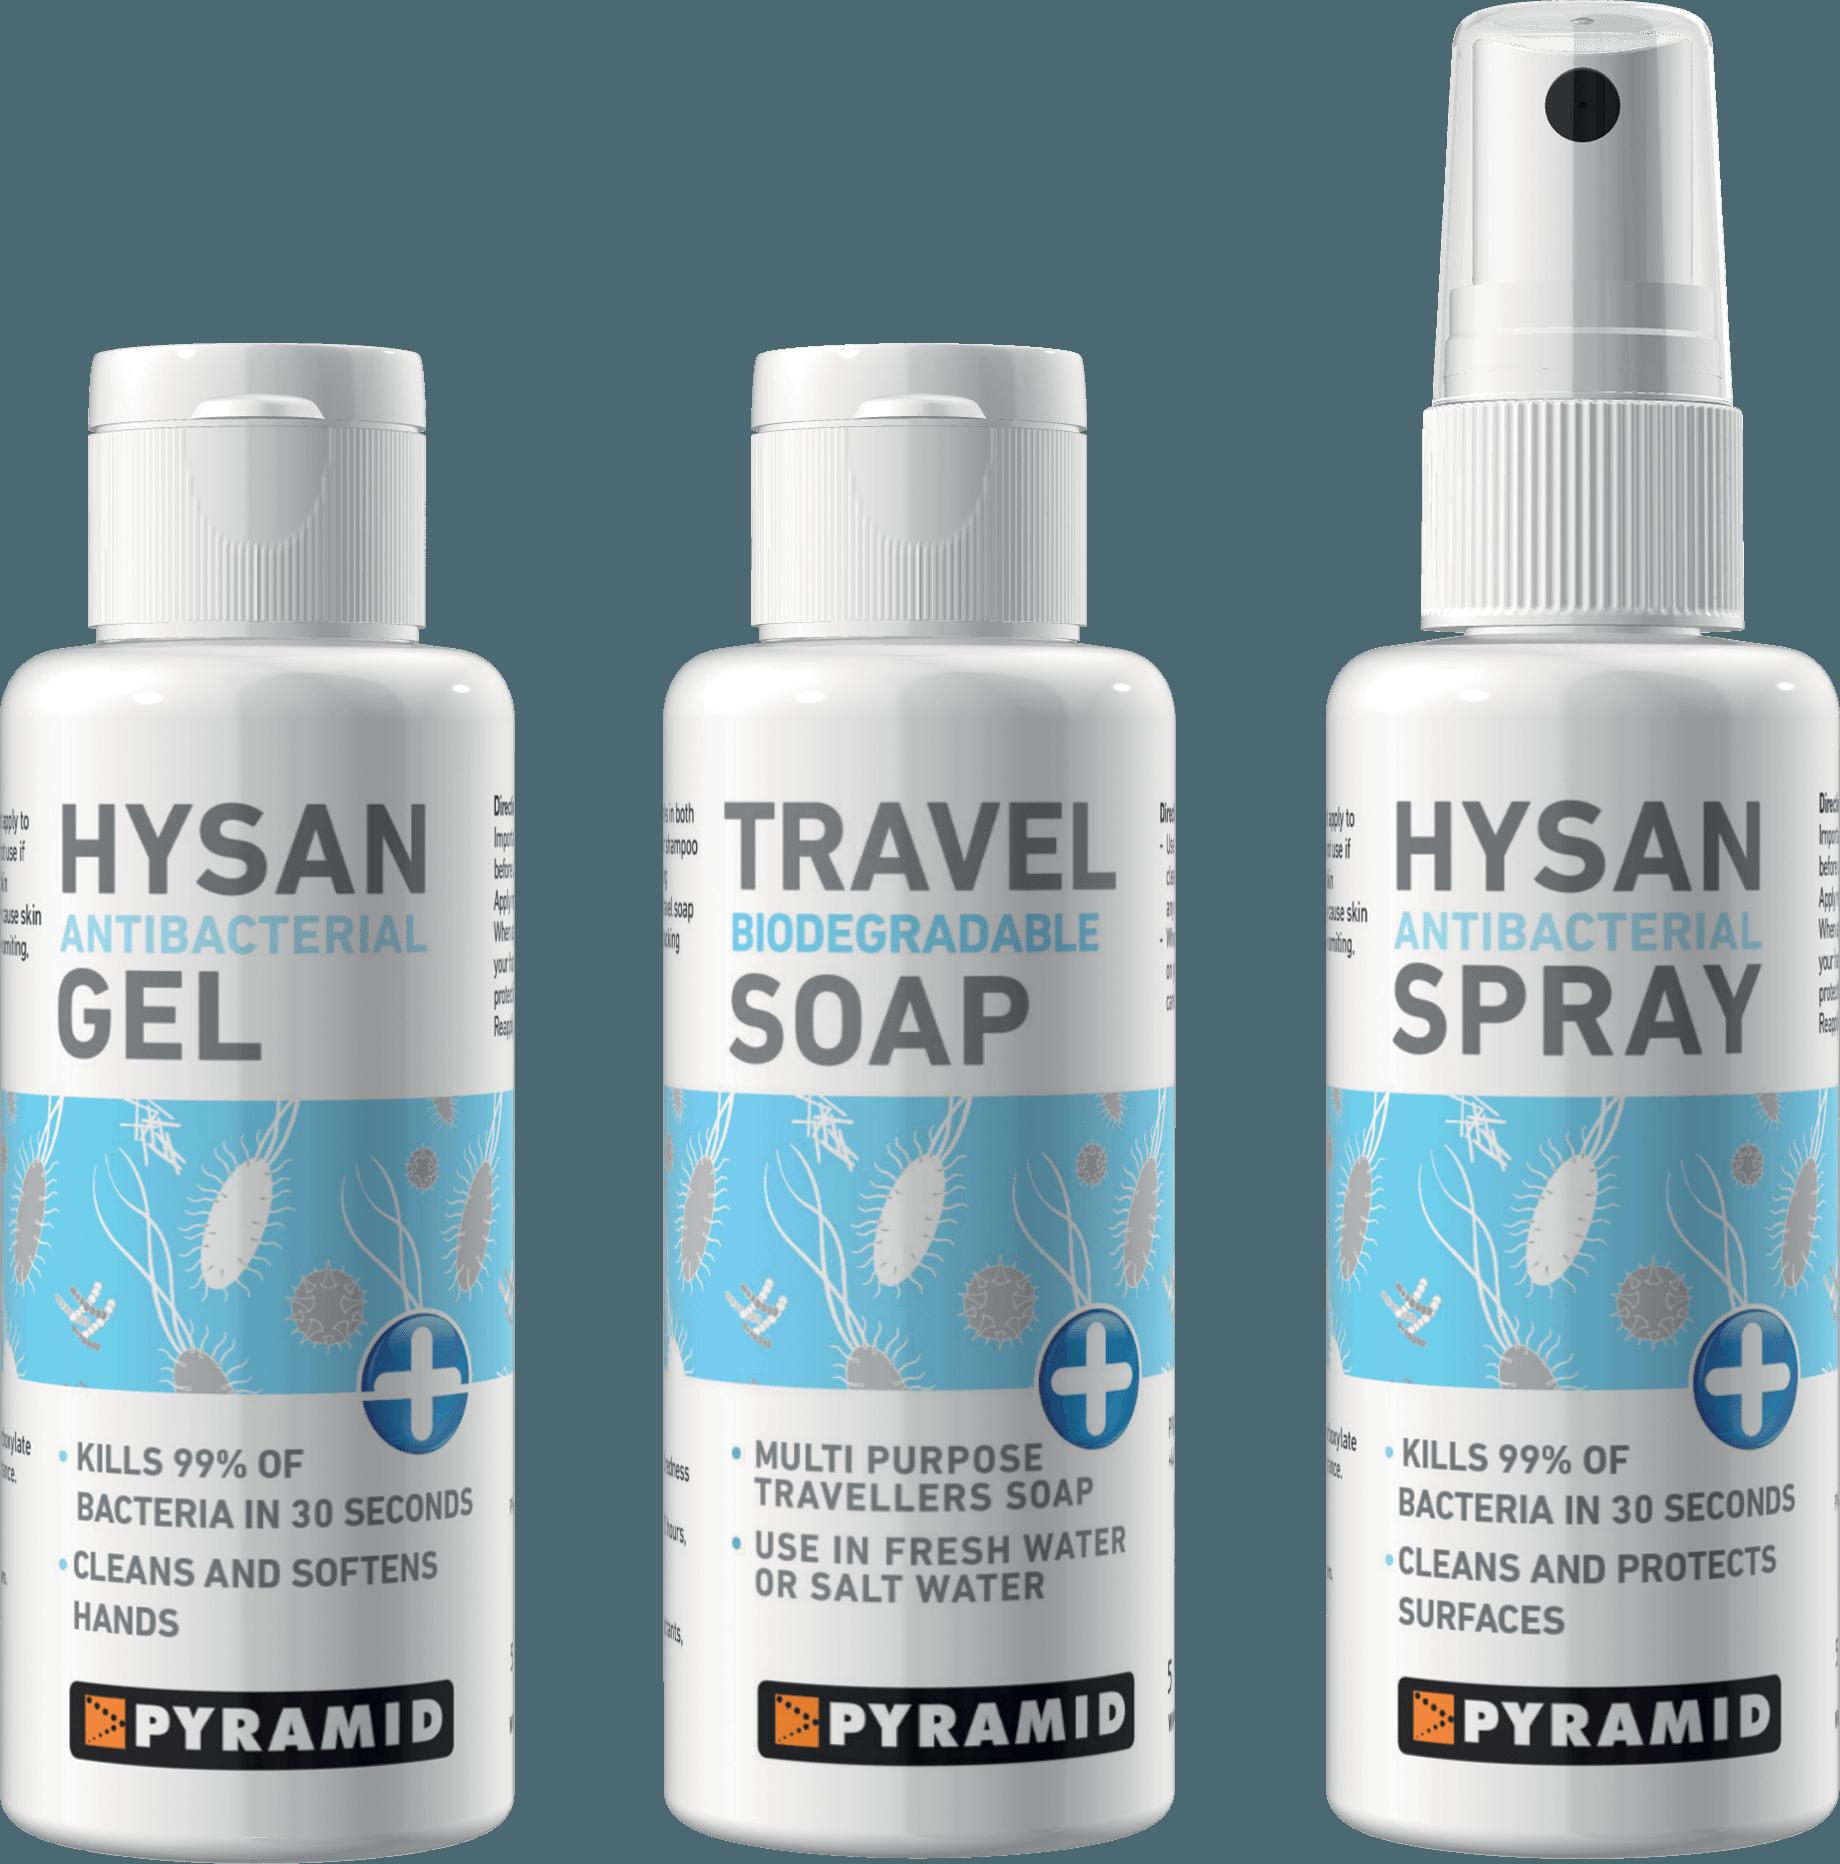 Pyramid-Travel-Soap-60ml-1